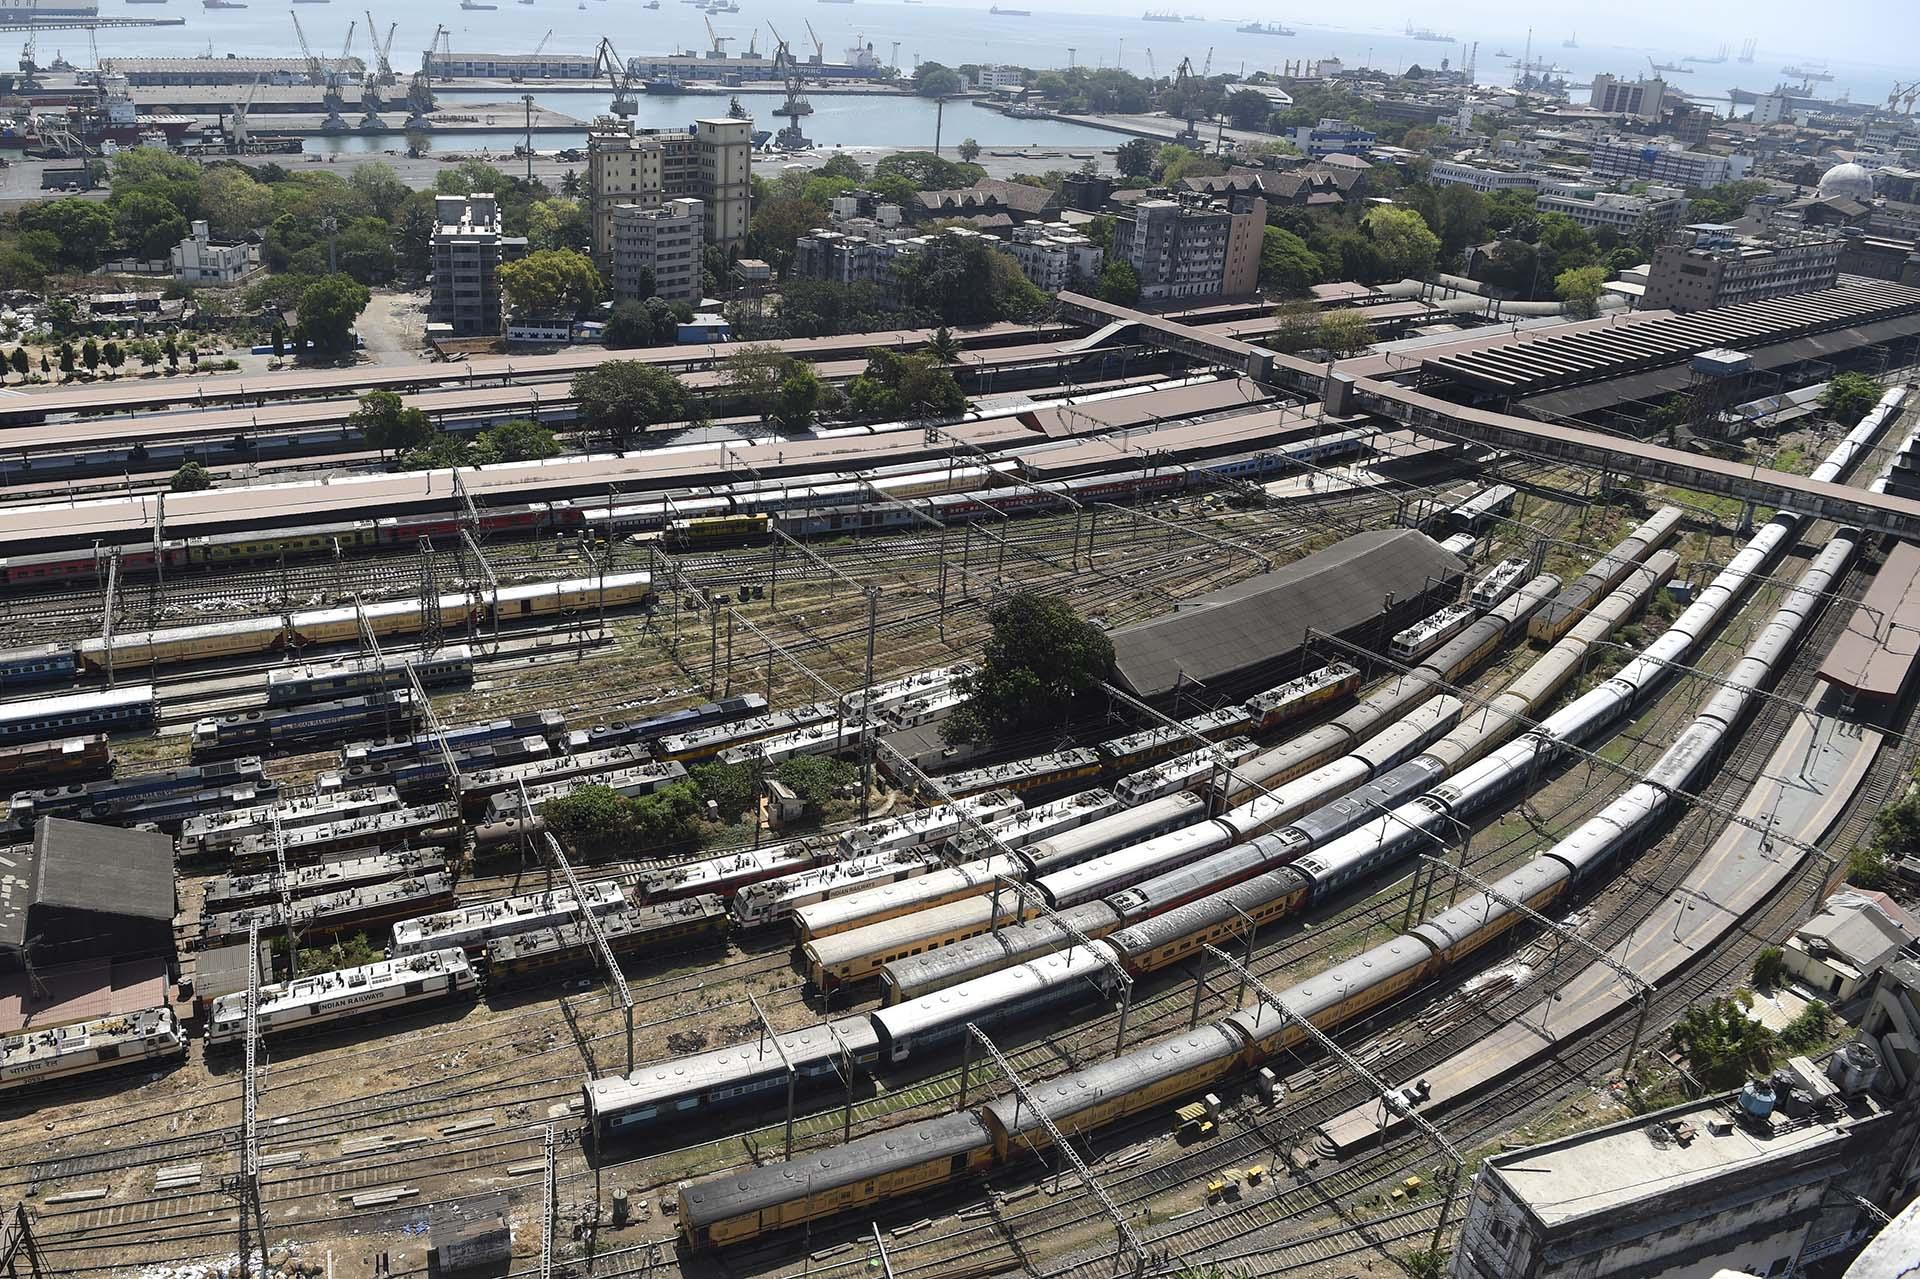 Trenes estacionados en la terminal de Chhatrapati Shivaji Maharaj durante el toque de queda en Mumbai, en la India el 22 de marzo